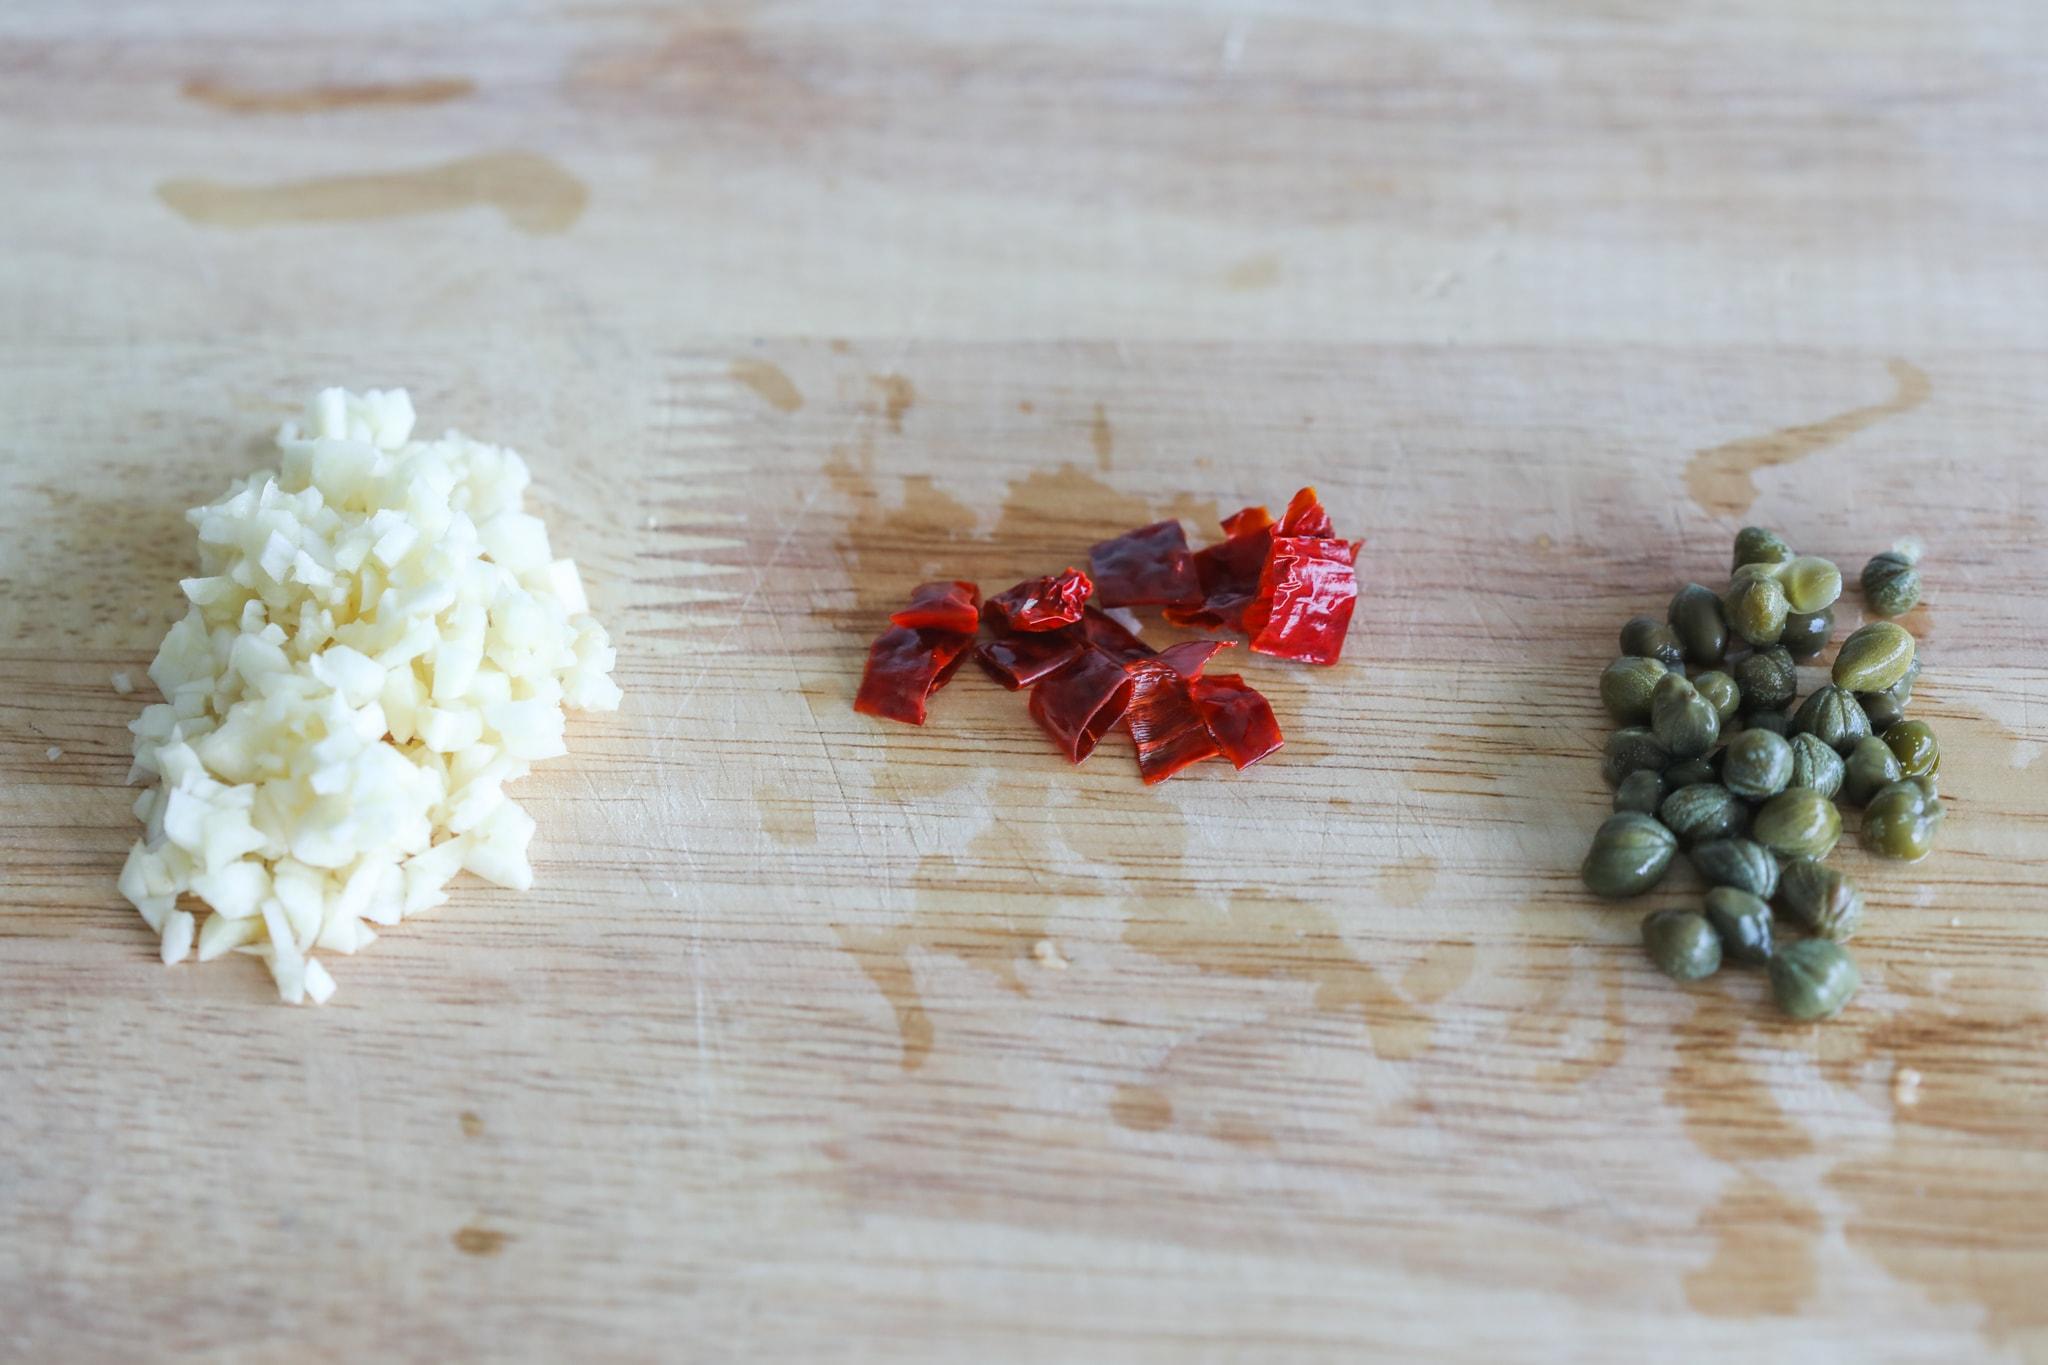 Ingredients for capellini pasta